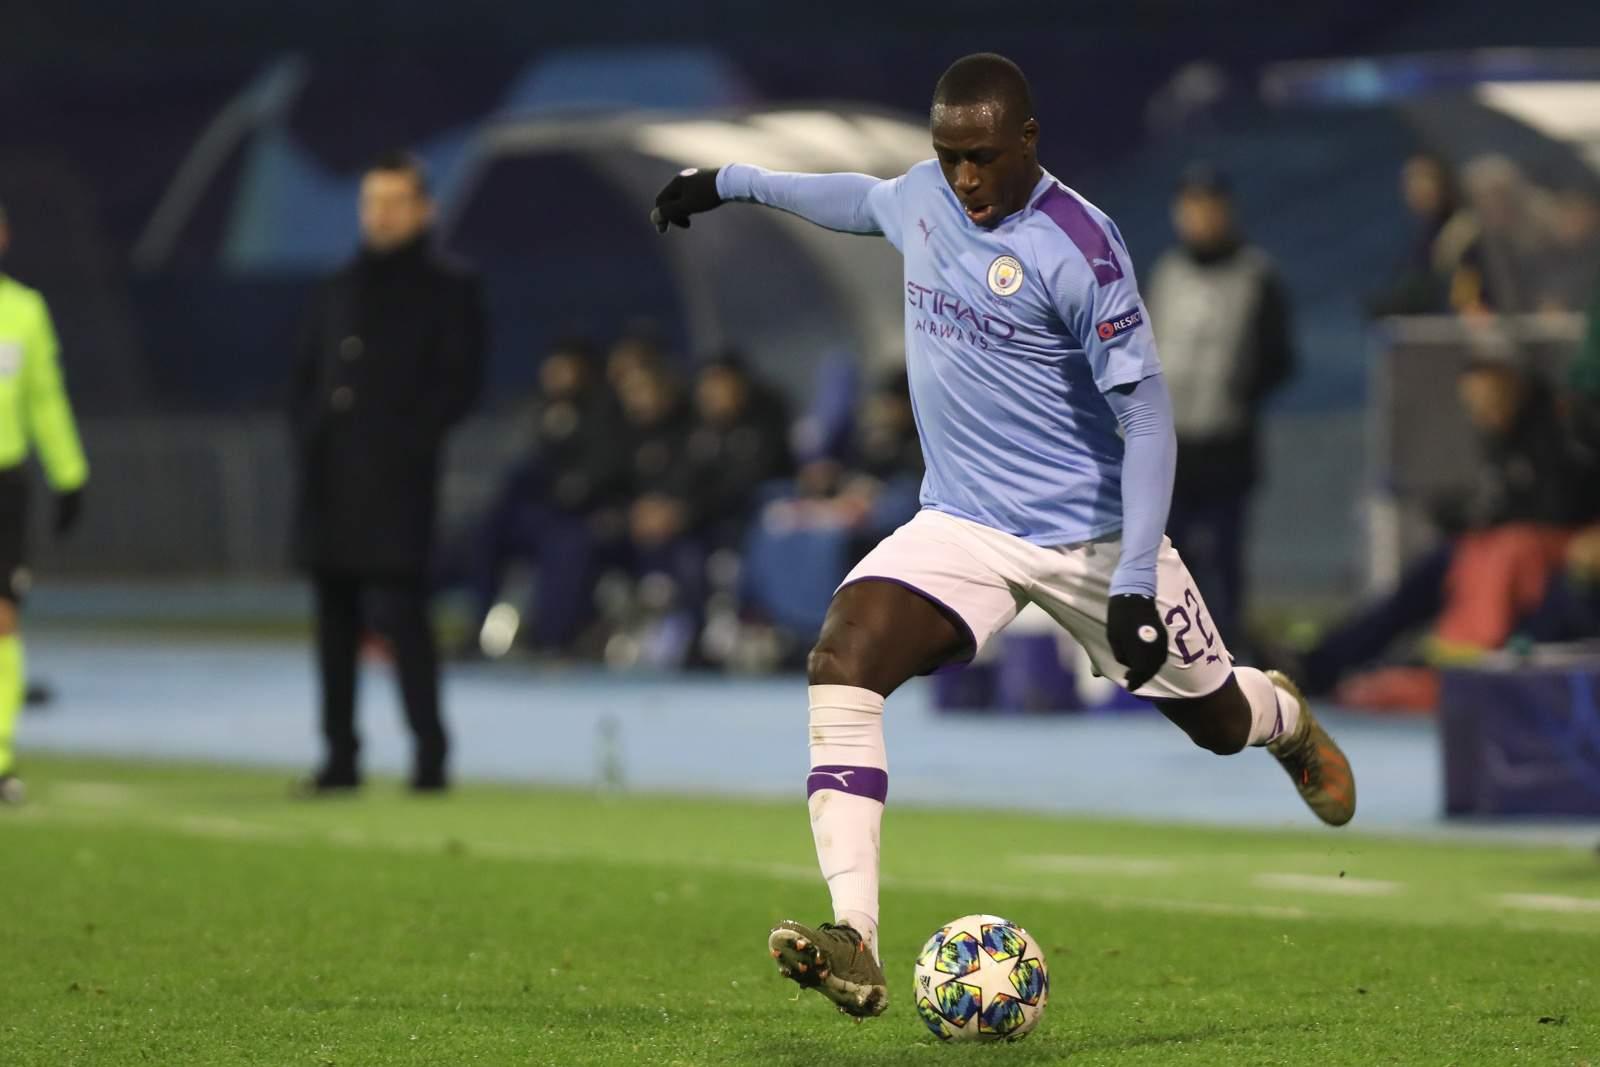 Бенжамин Менди обвиняется в насилии – «Манчестер Сити» отстранил игрока